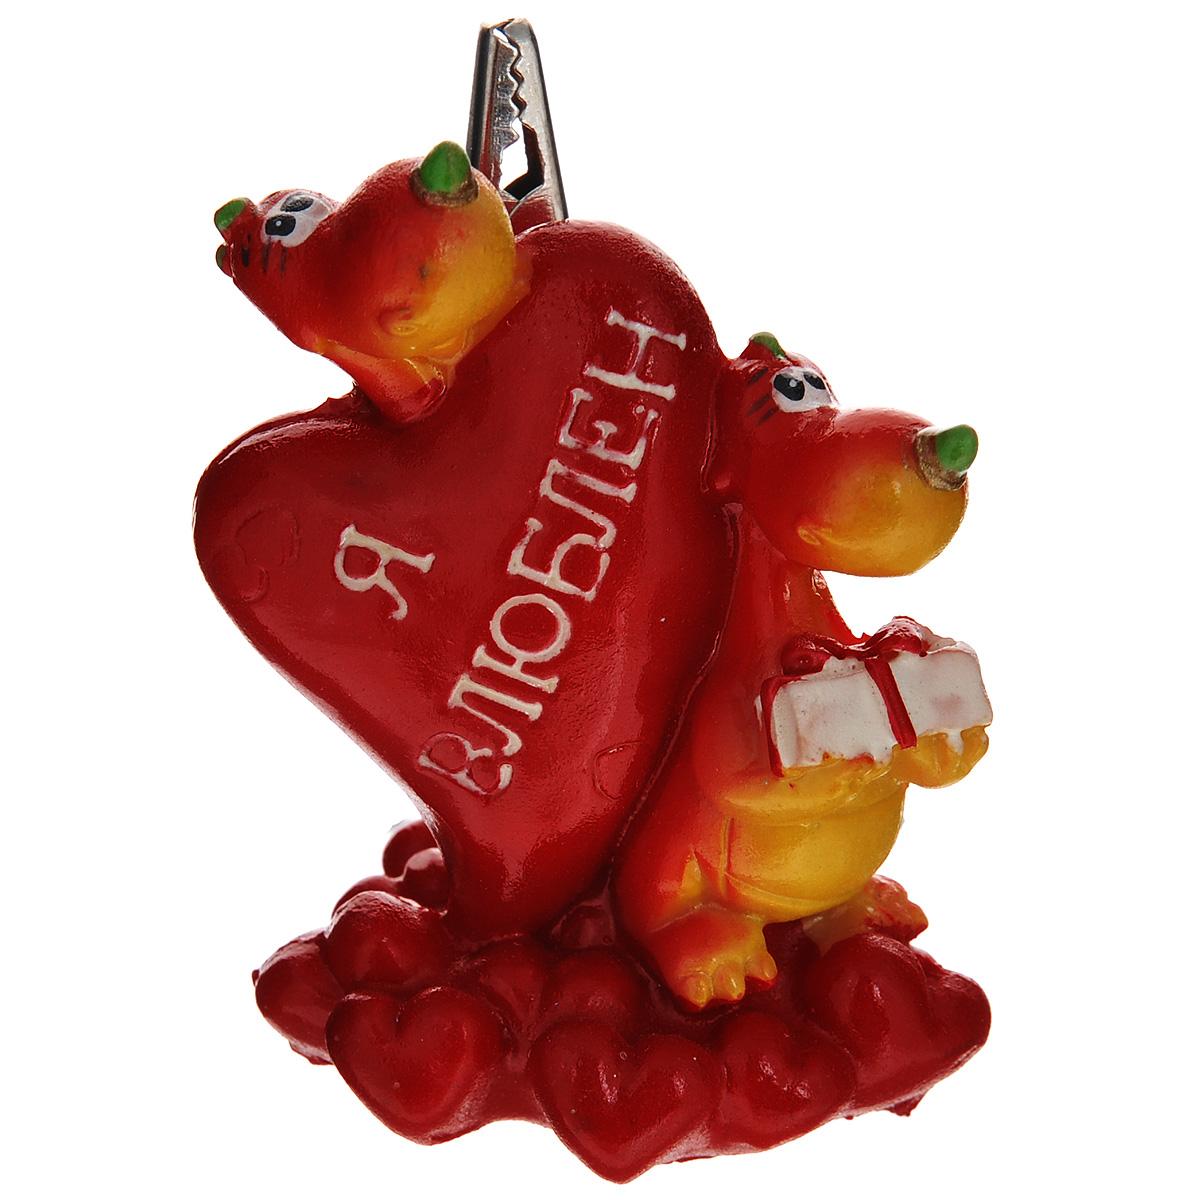 Статуэтка декоративная Lunten Ranta Дракон. Я влюблен, с держателем для карточек, цвет: красный, желтый очки lunten ranta диадема 66151